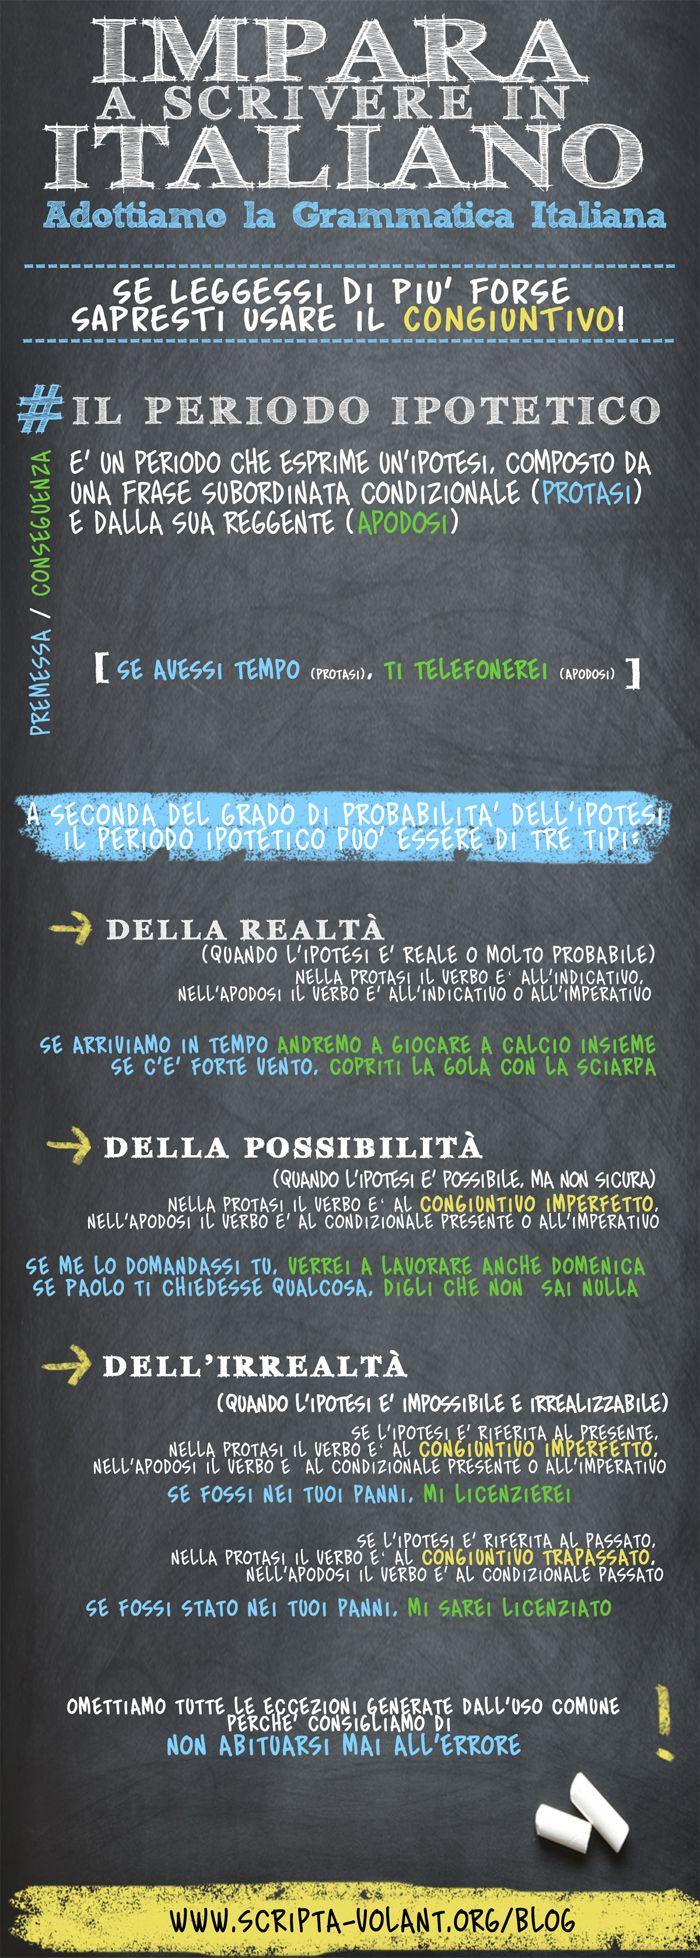 Quarta puntata della serie [Impara a scrivere in italiano: adottiamo la grammatica italiana]: Il periodo ipotetico - congiuntivo e condizionale Condividiamola per un web (e non solo) che tuteli il congiuntivo! #grammatica #infografiche #periodo ipotetico #congiuntivo #condizionale